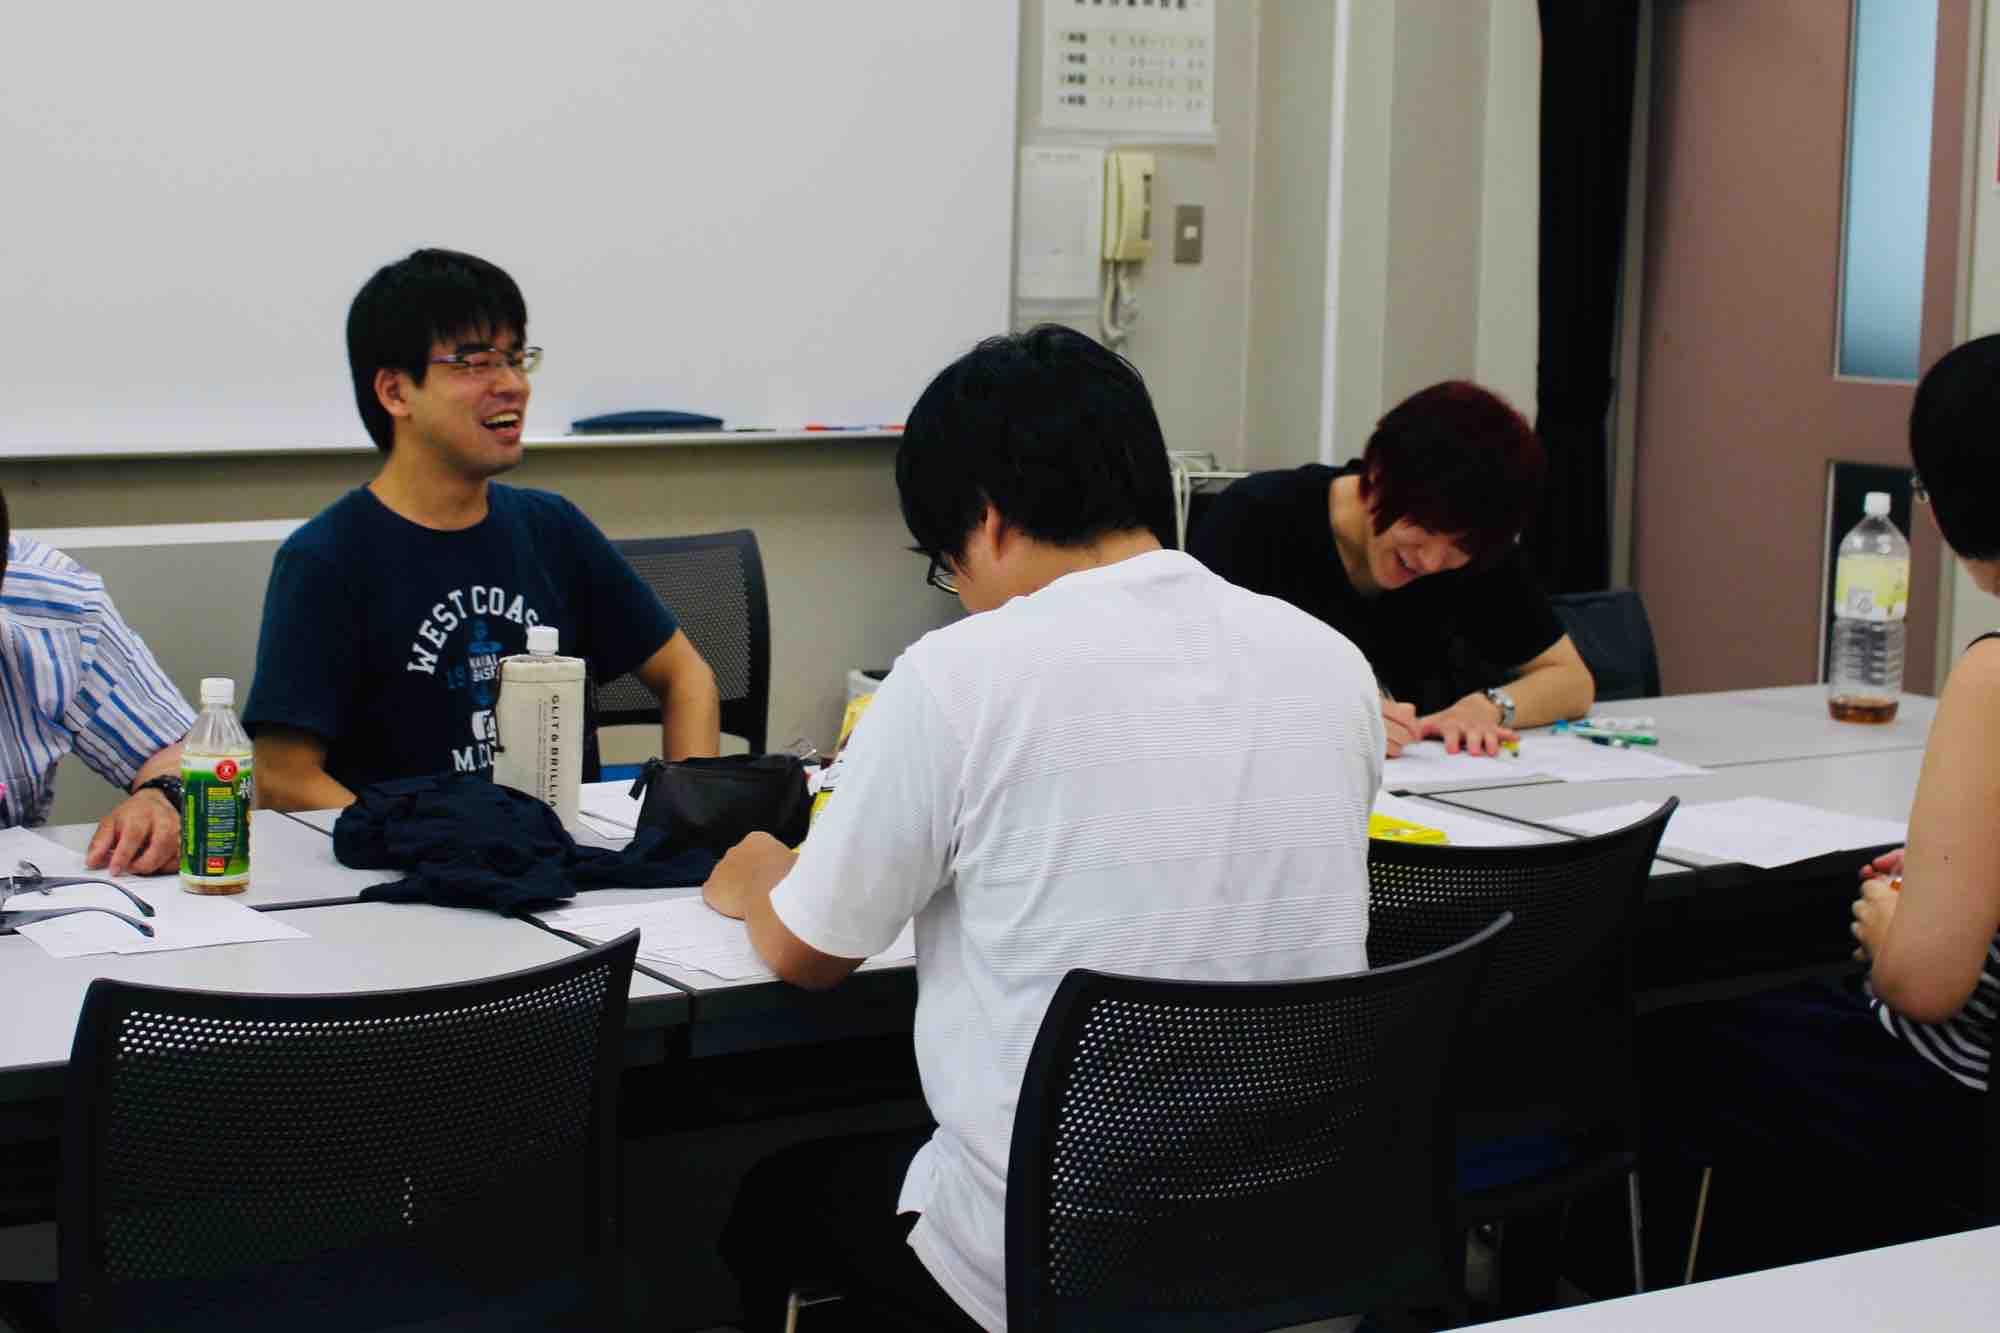 s放送大学 - 9